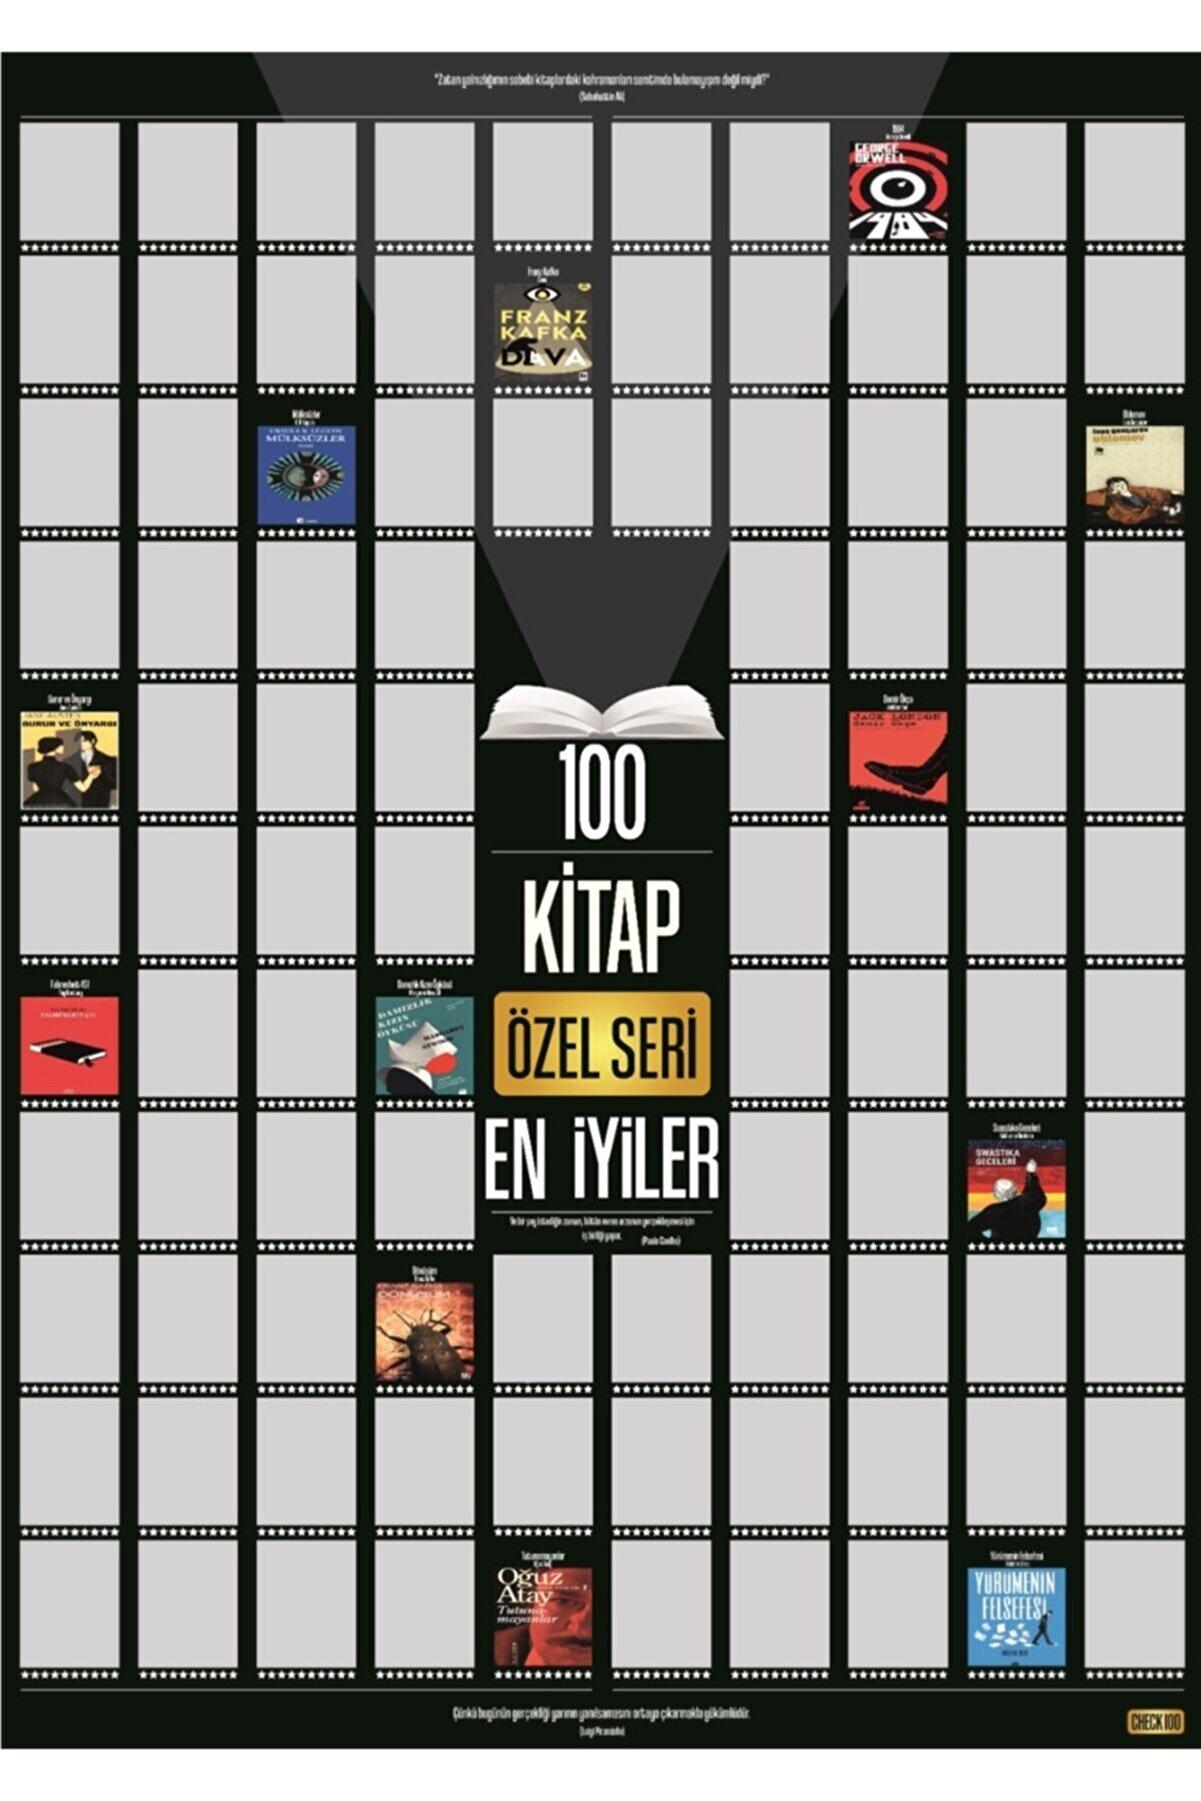 Check100 Özel Seri Kazıkazan 100 Kitap Posteri